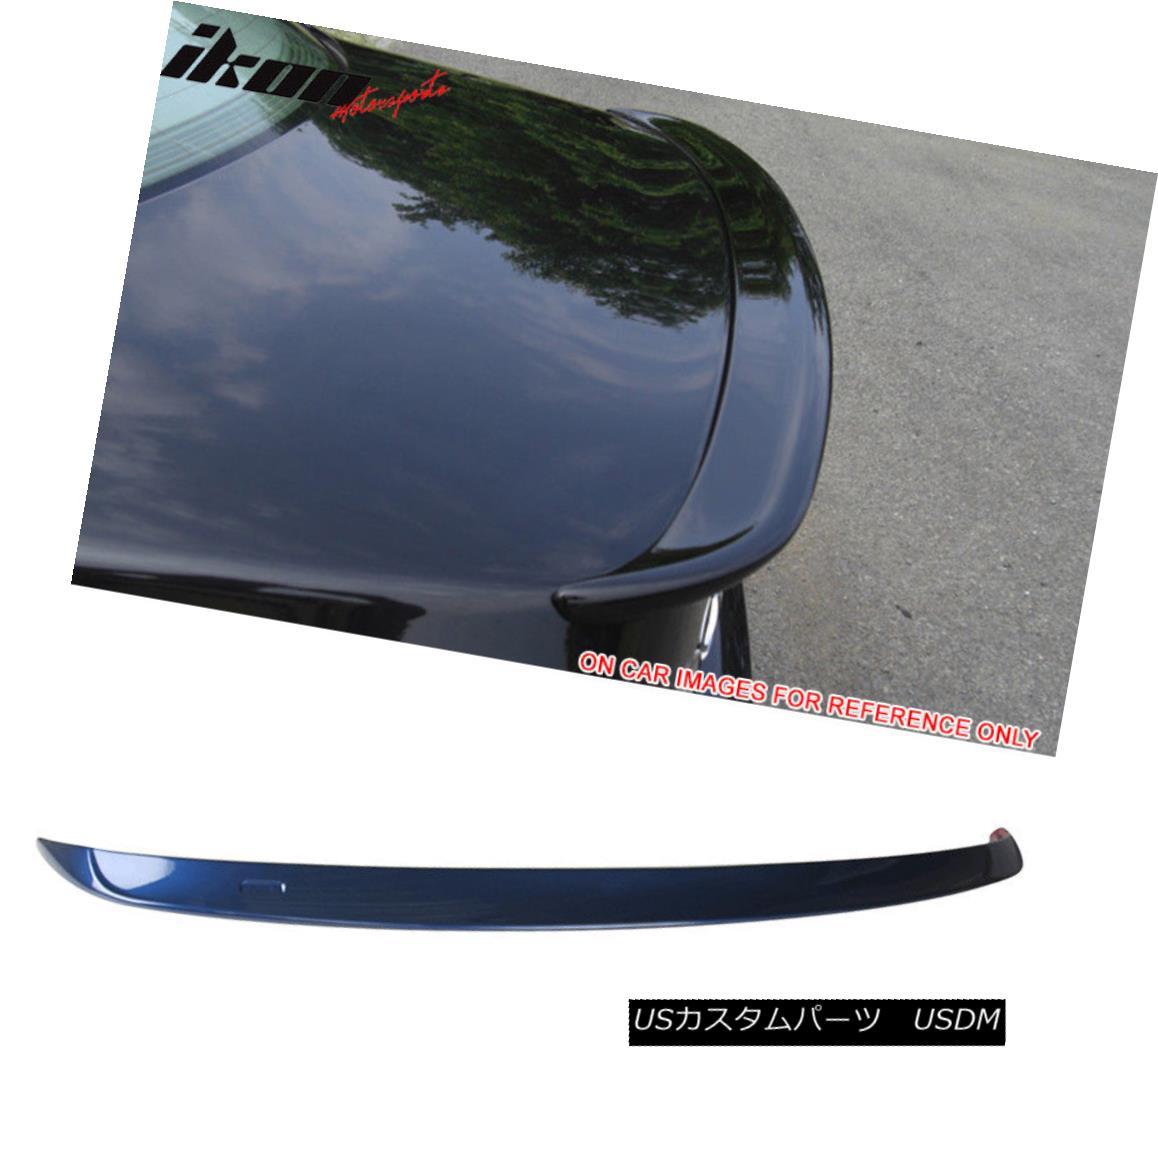 エアロパーツ Fits 04-10 E60 5-Series AC Trunk Spoiler Painted #A07 Mystic Blue Metallic フィット04-10 E60 5シリーズACトランク・スポイラー#A07ミスティック・ブルー・メタリック